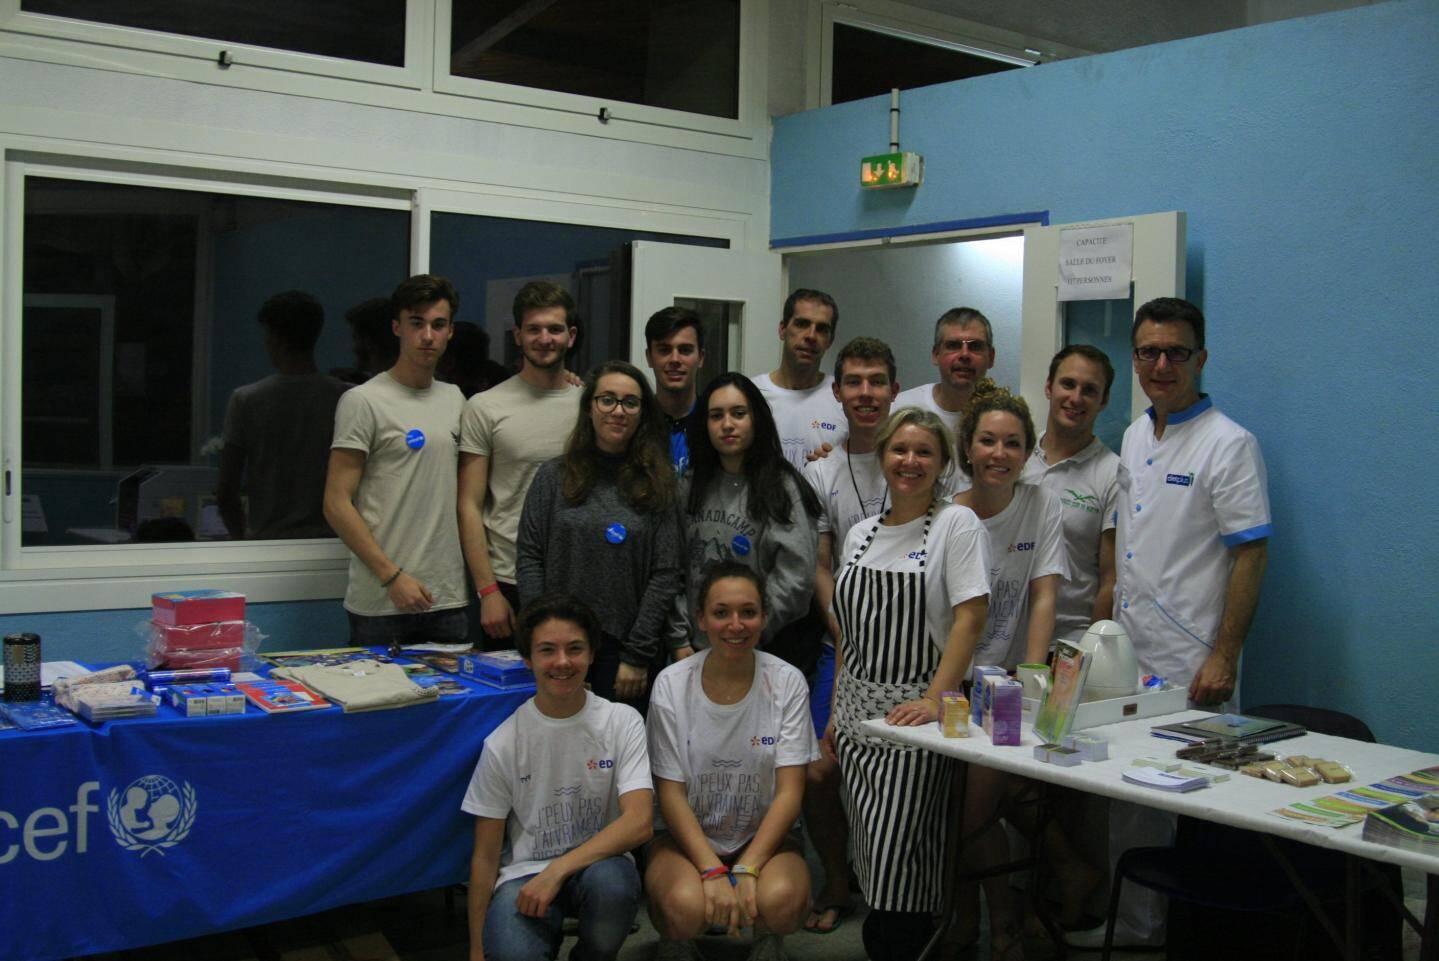 Partenaires, membres du bureau et bénévoles se sont retrouvés à l'occasion de l'édition 2017 de la « Nuit de l'eau ».